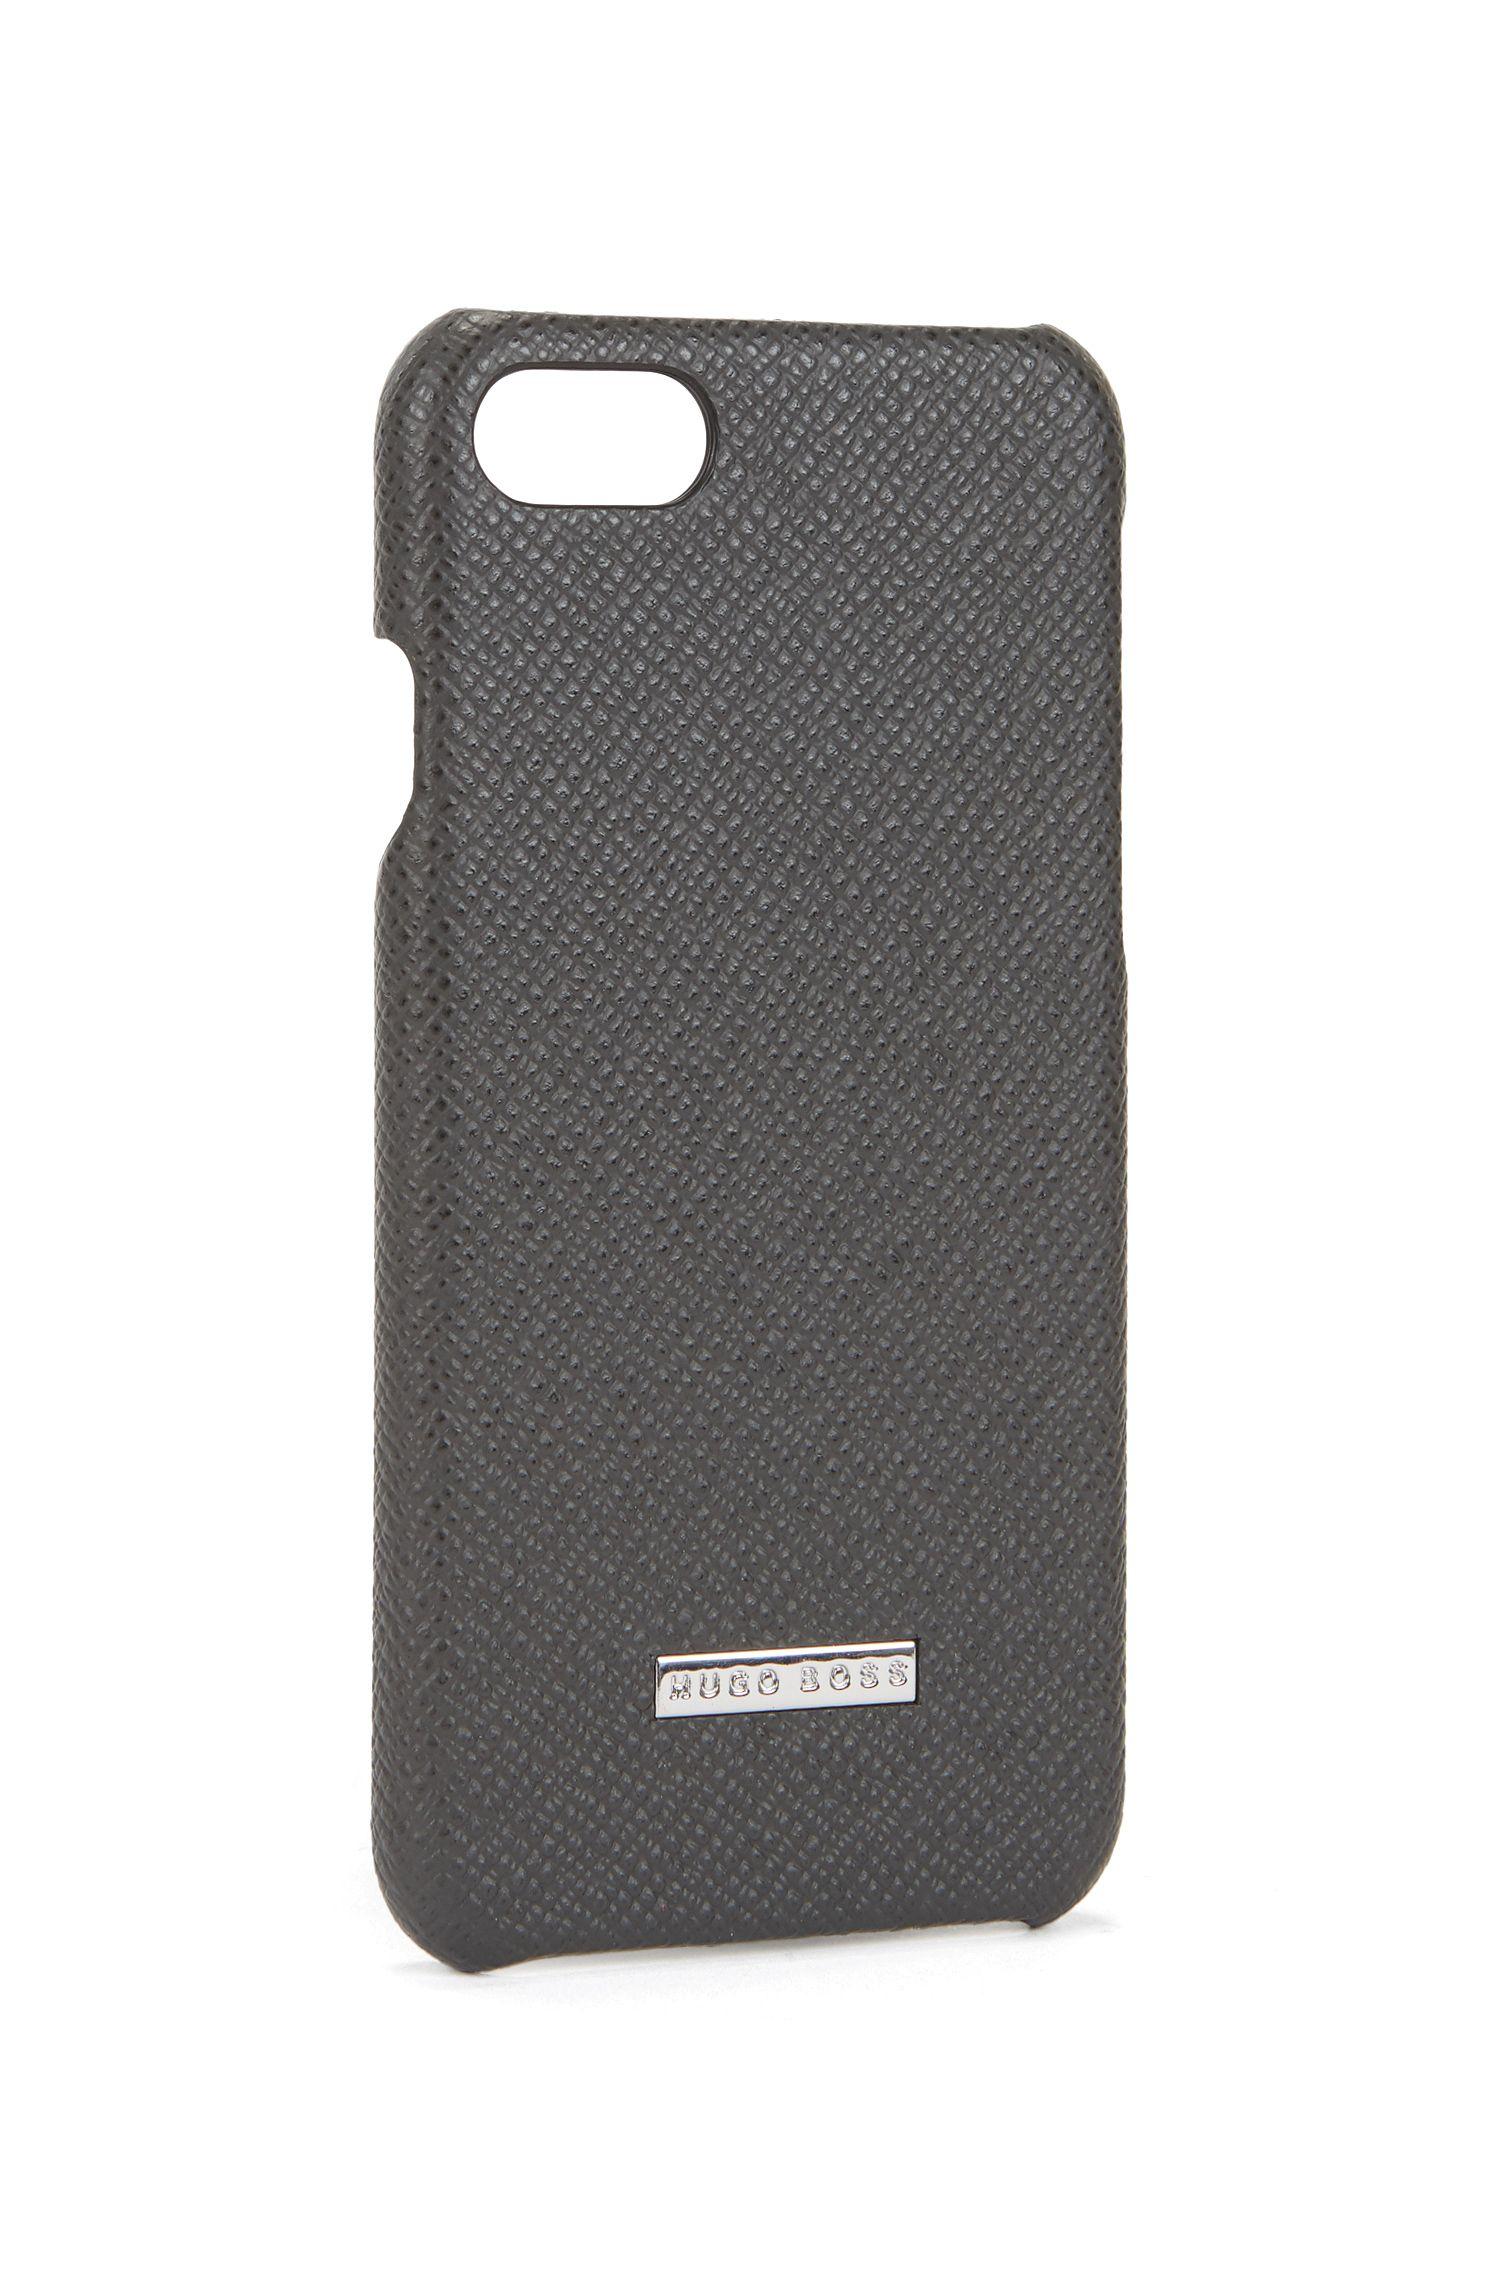 Coque pour smartphone de la collection Signature en cuir palmellato